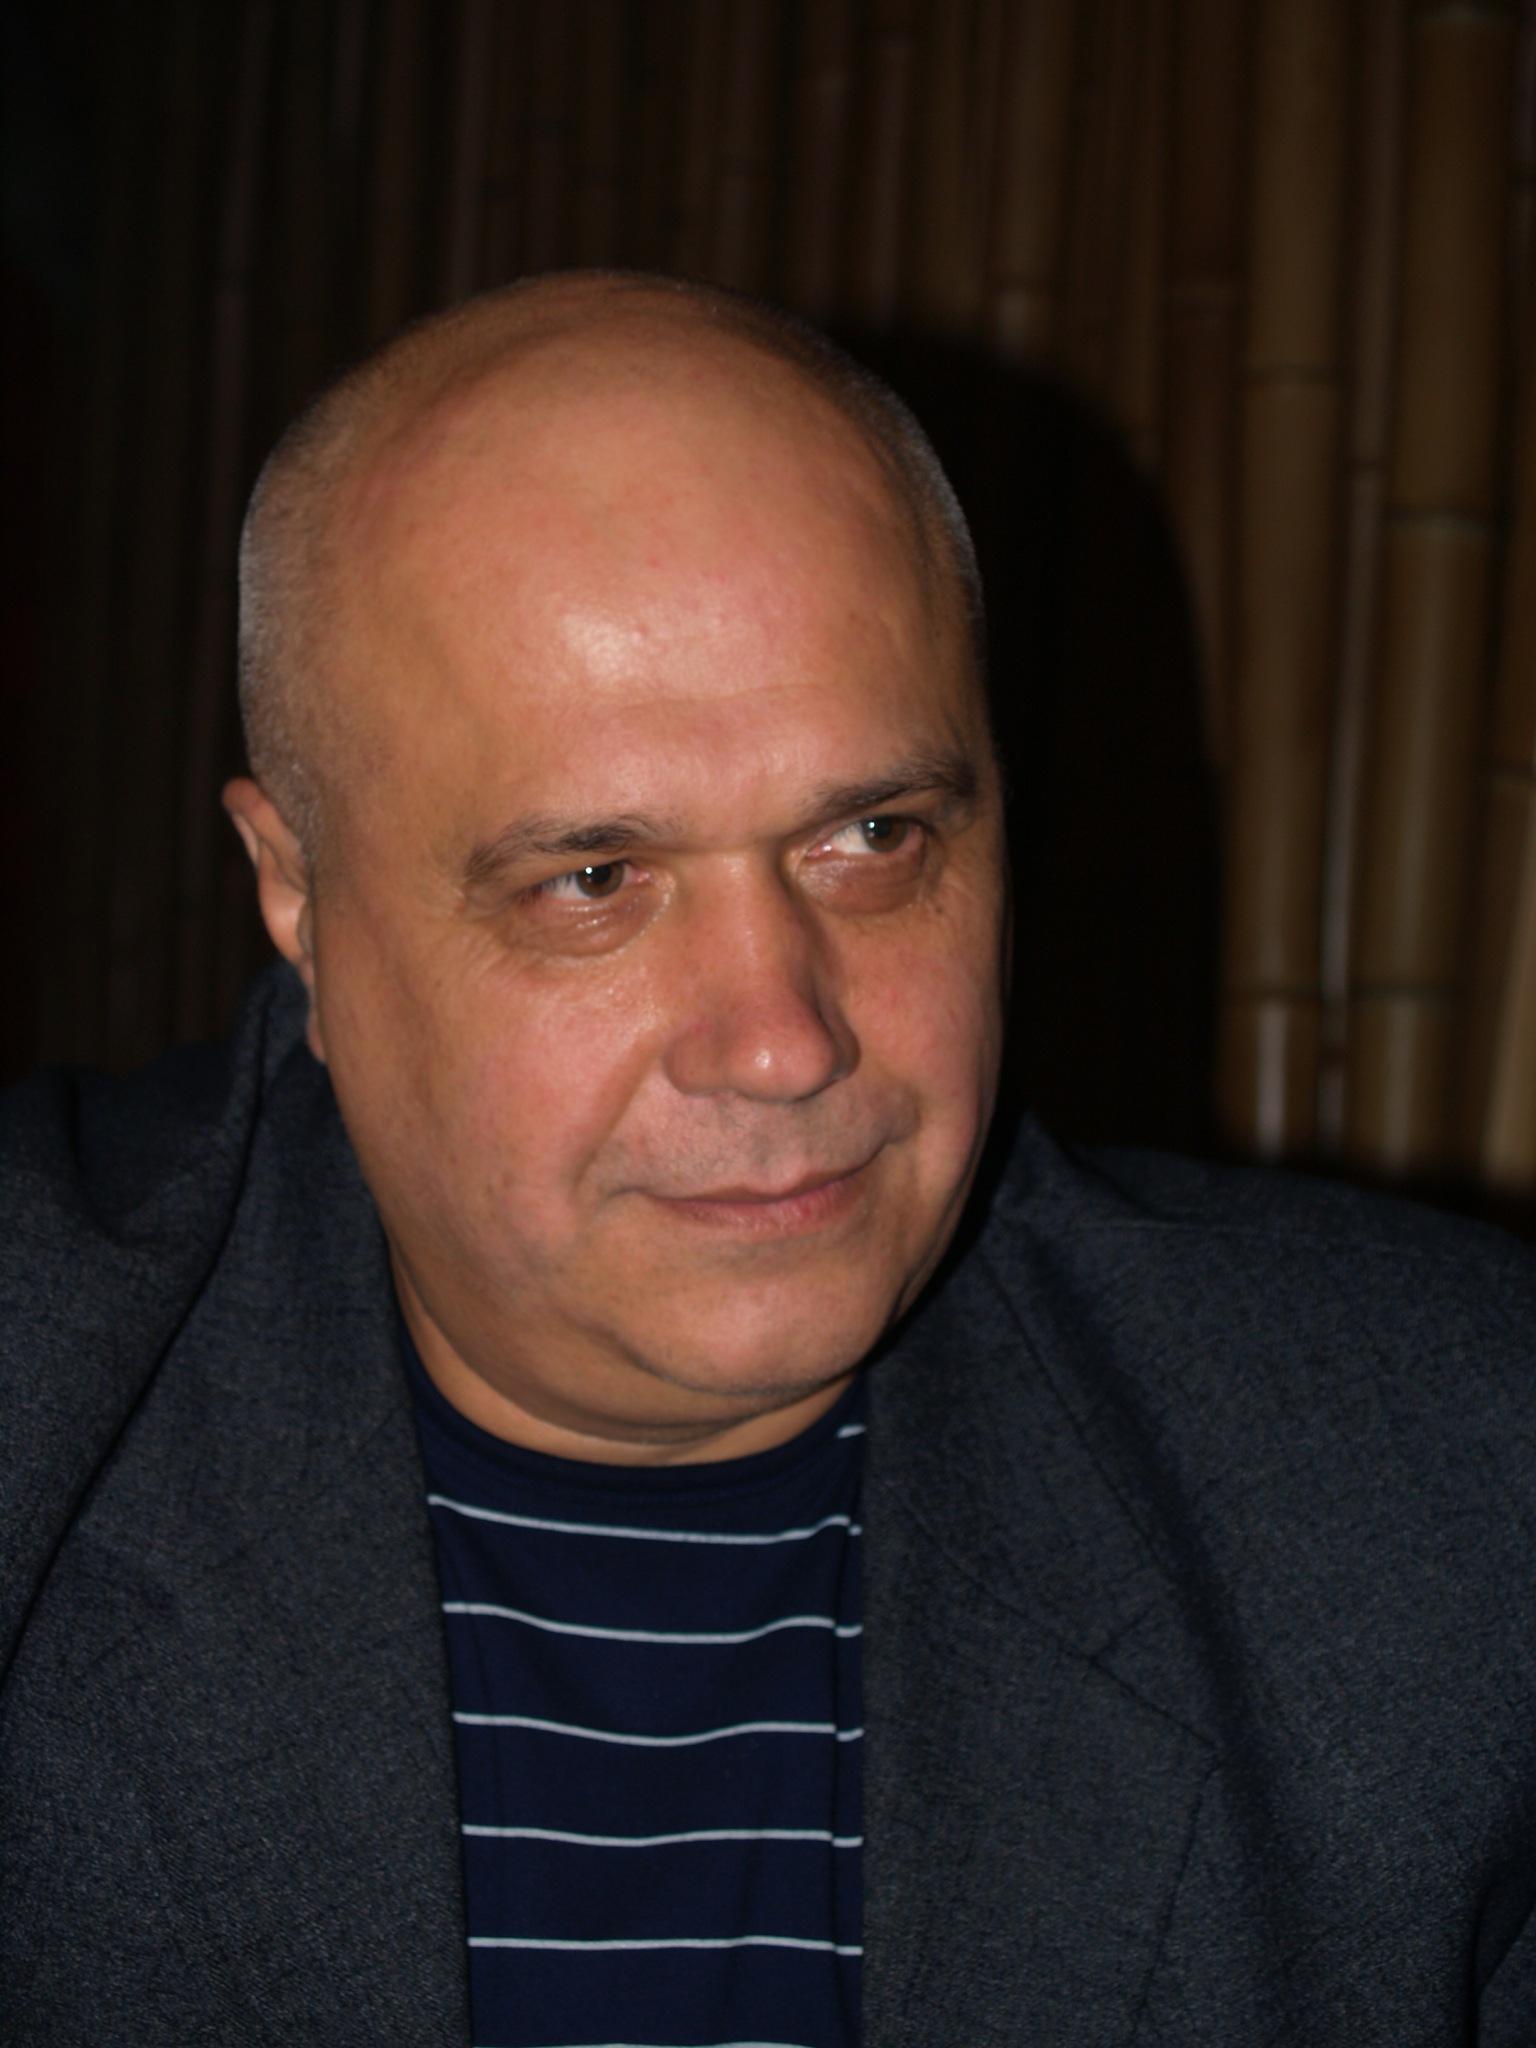 Лукин Андрей Борисович